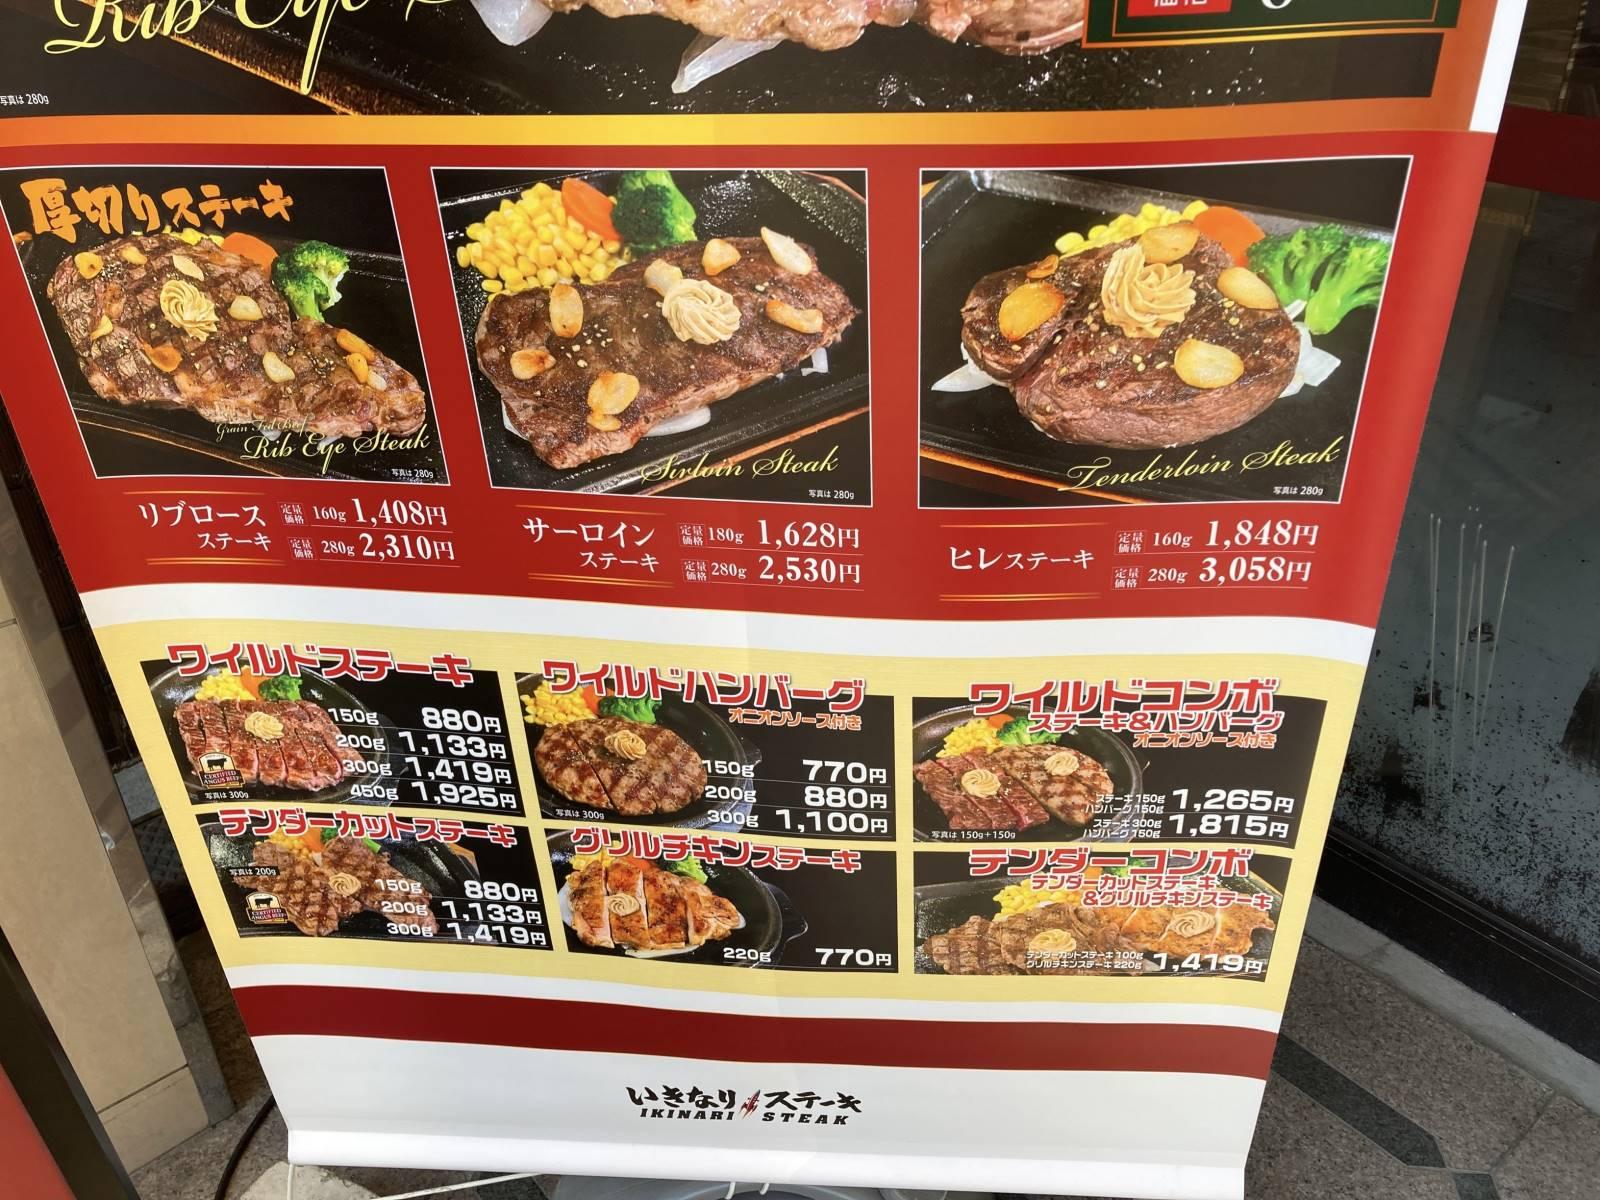 いきなり!ステーキ亀戸店(東京都江東区)店頭のメニュー